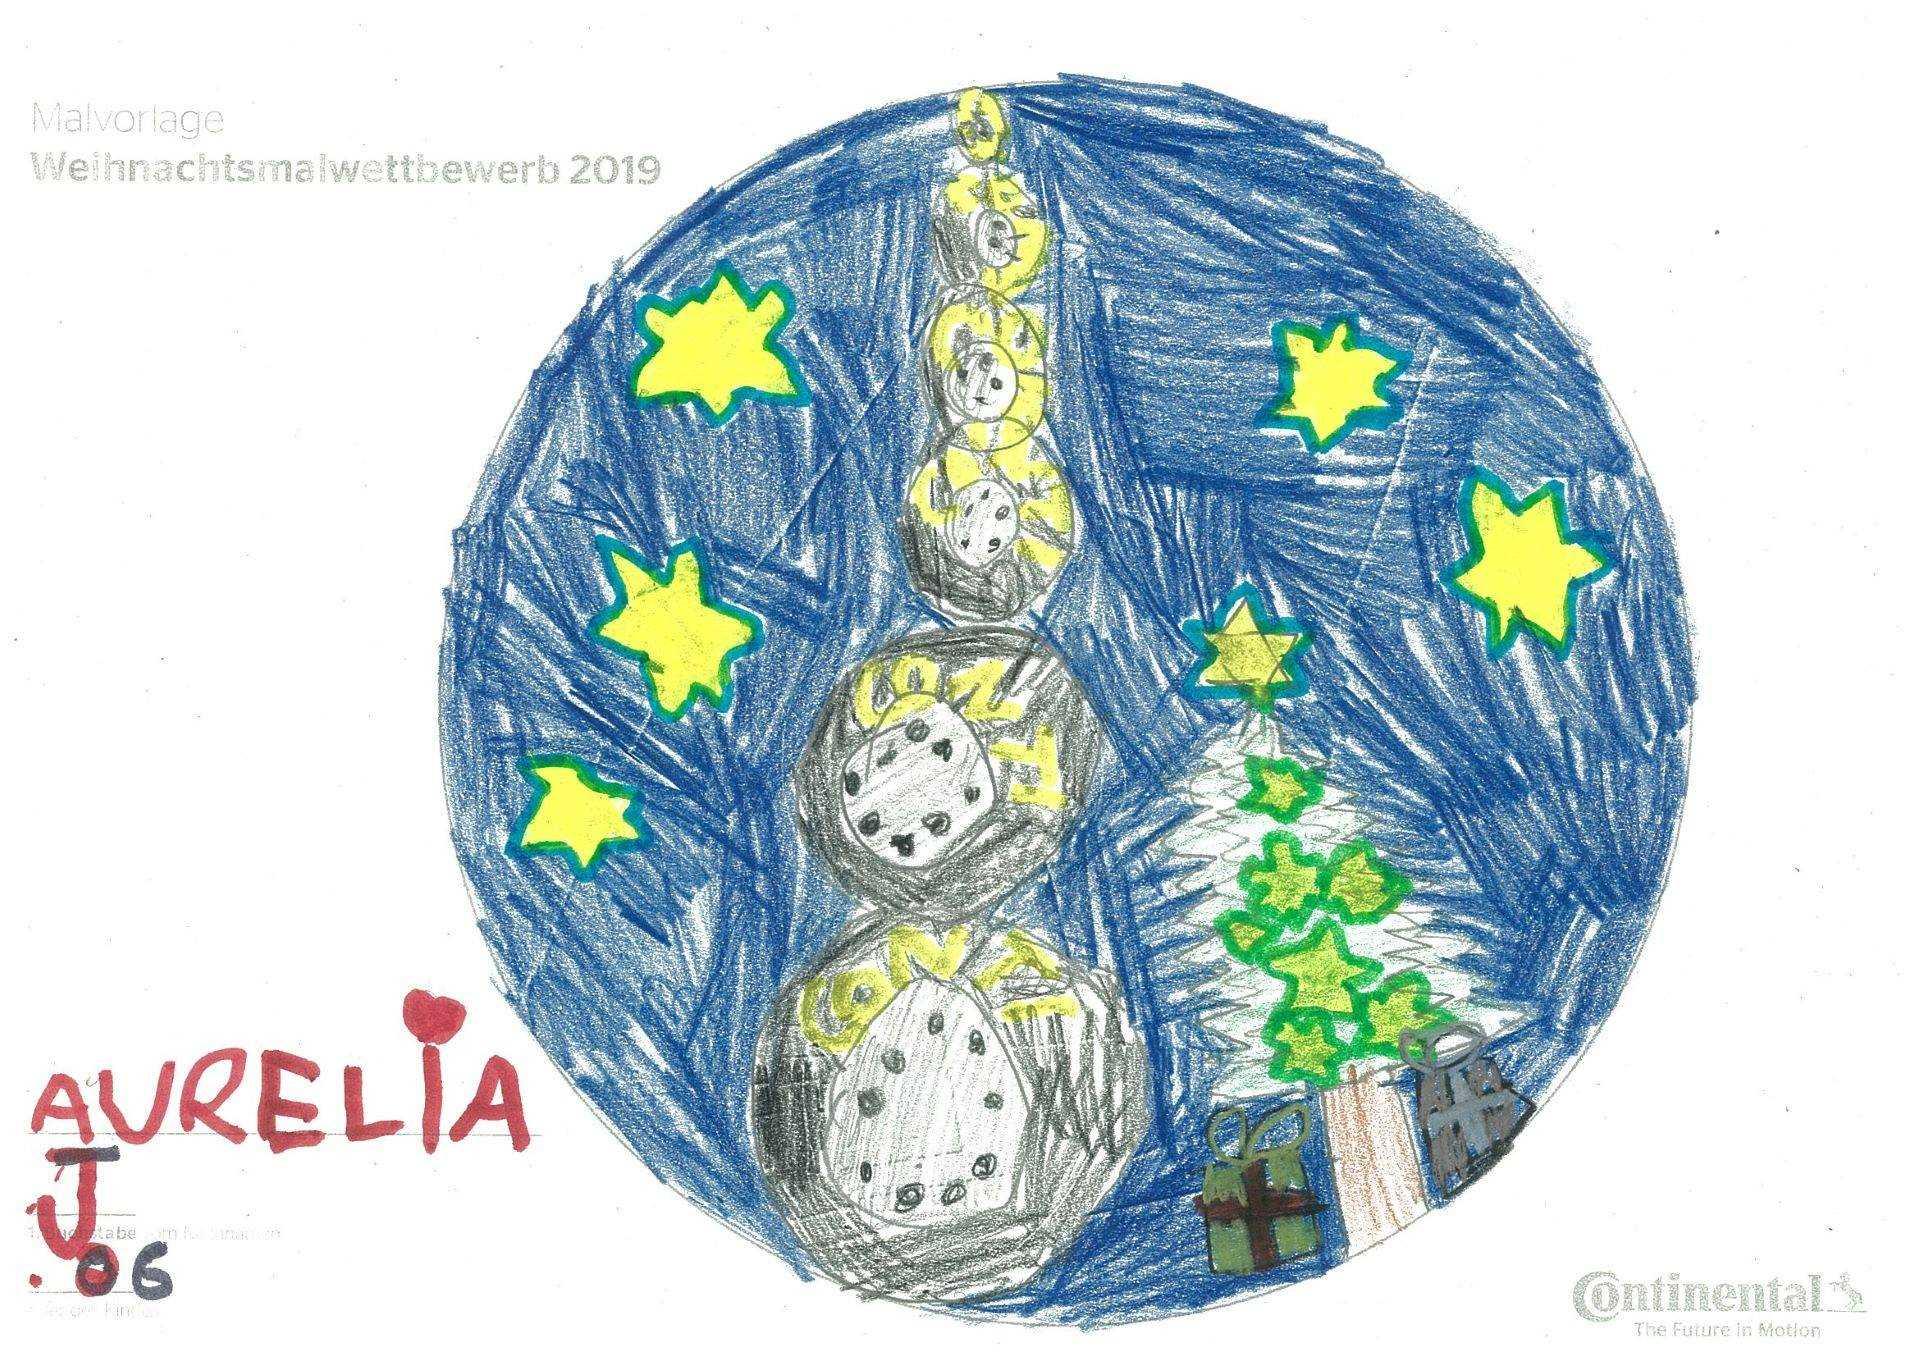 Aurelia J. (6)